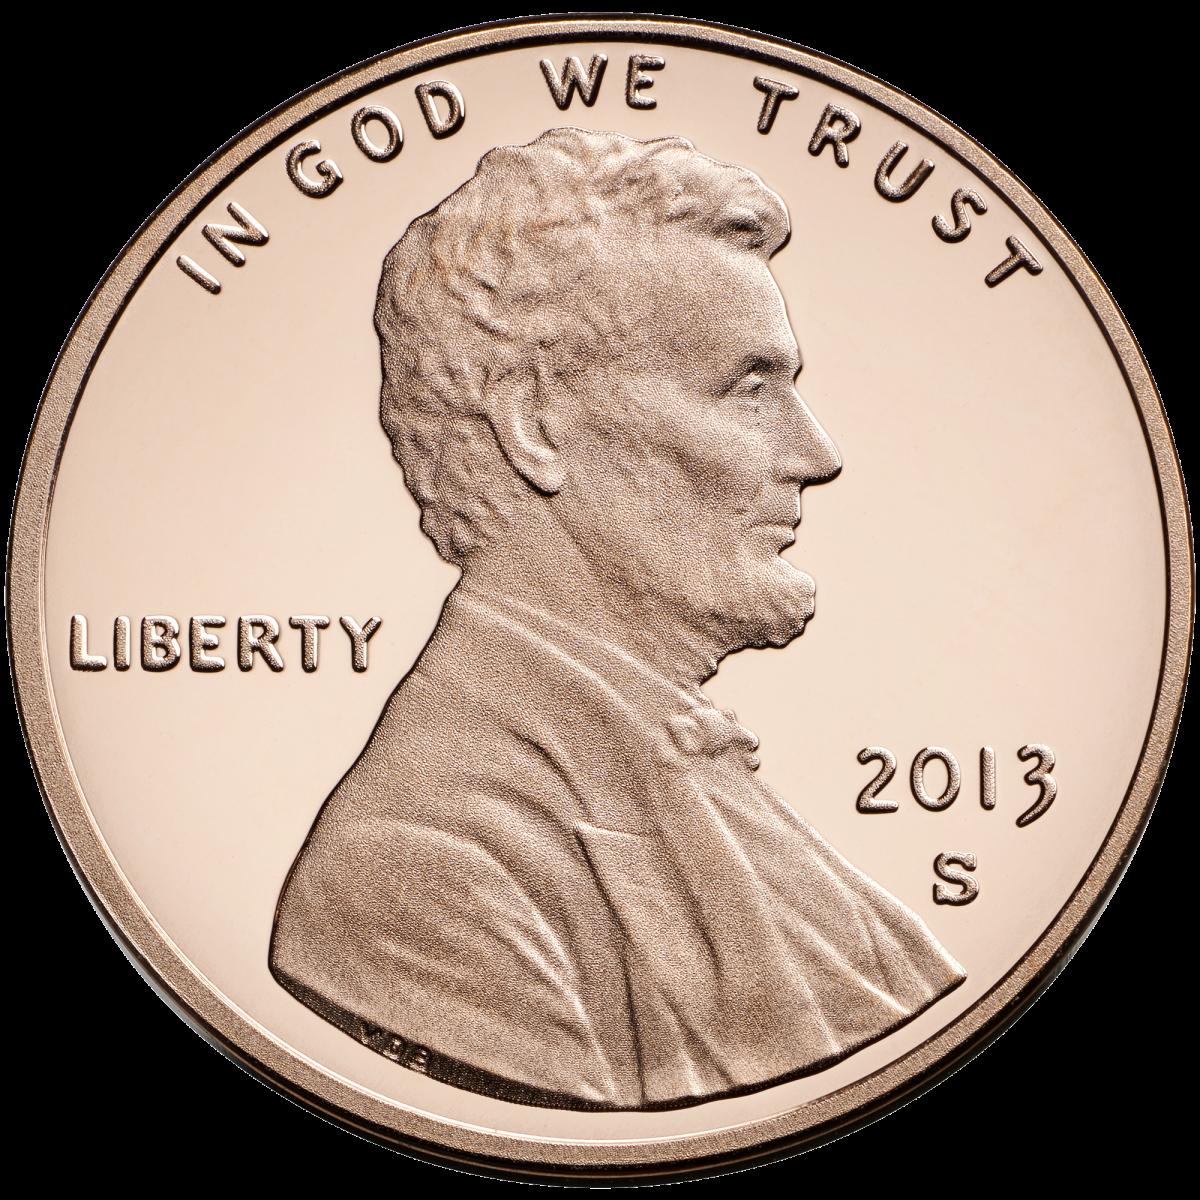 林肯變成美國「負資產」。 圖片來源:維基百科